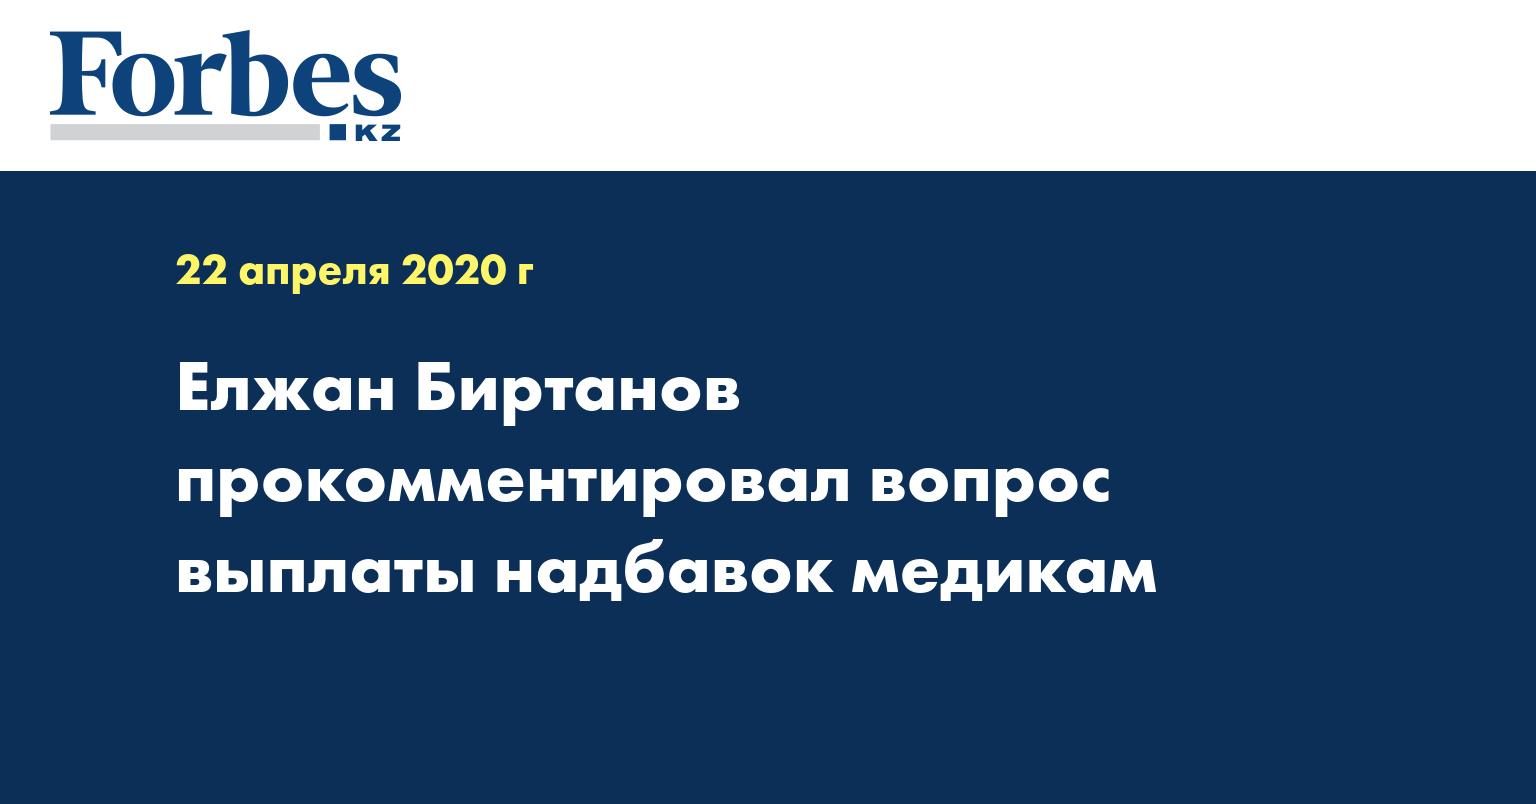 Елжан Биртанов прокомментировал вопрос выплаты надбавок медикам